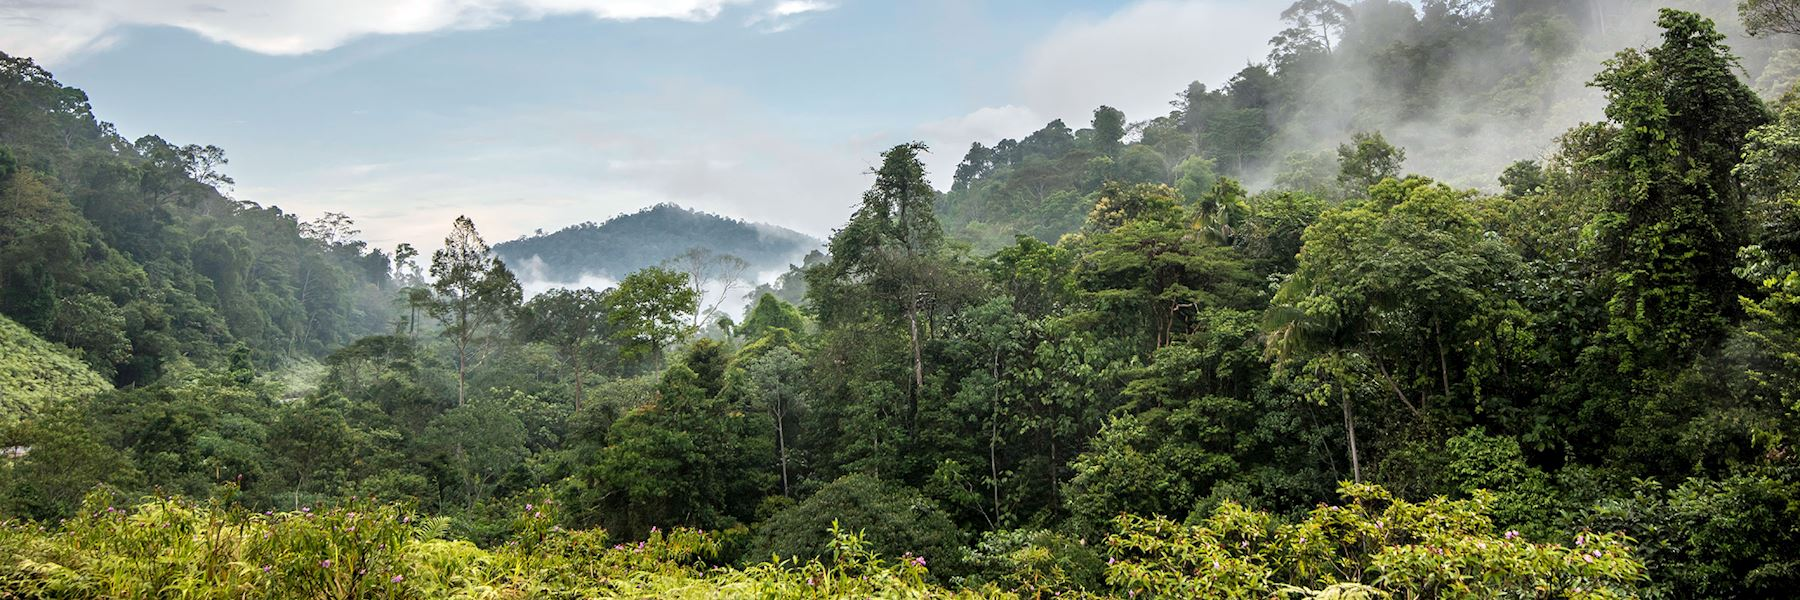 Visit Taman Negara National Park Malaysia Audley Travel